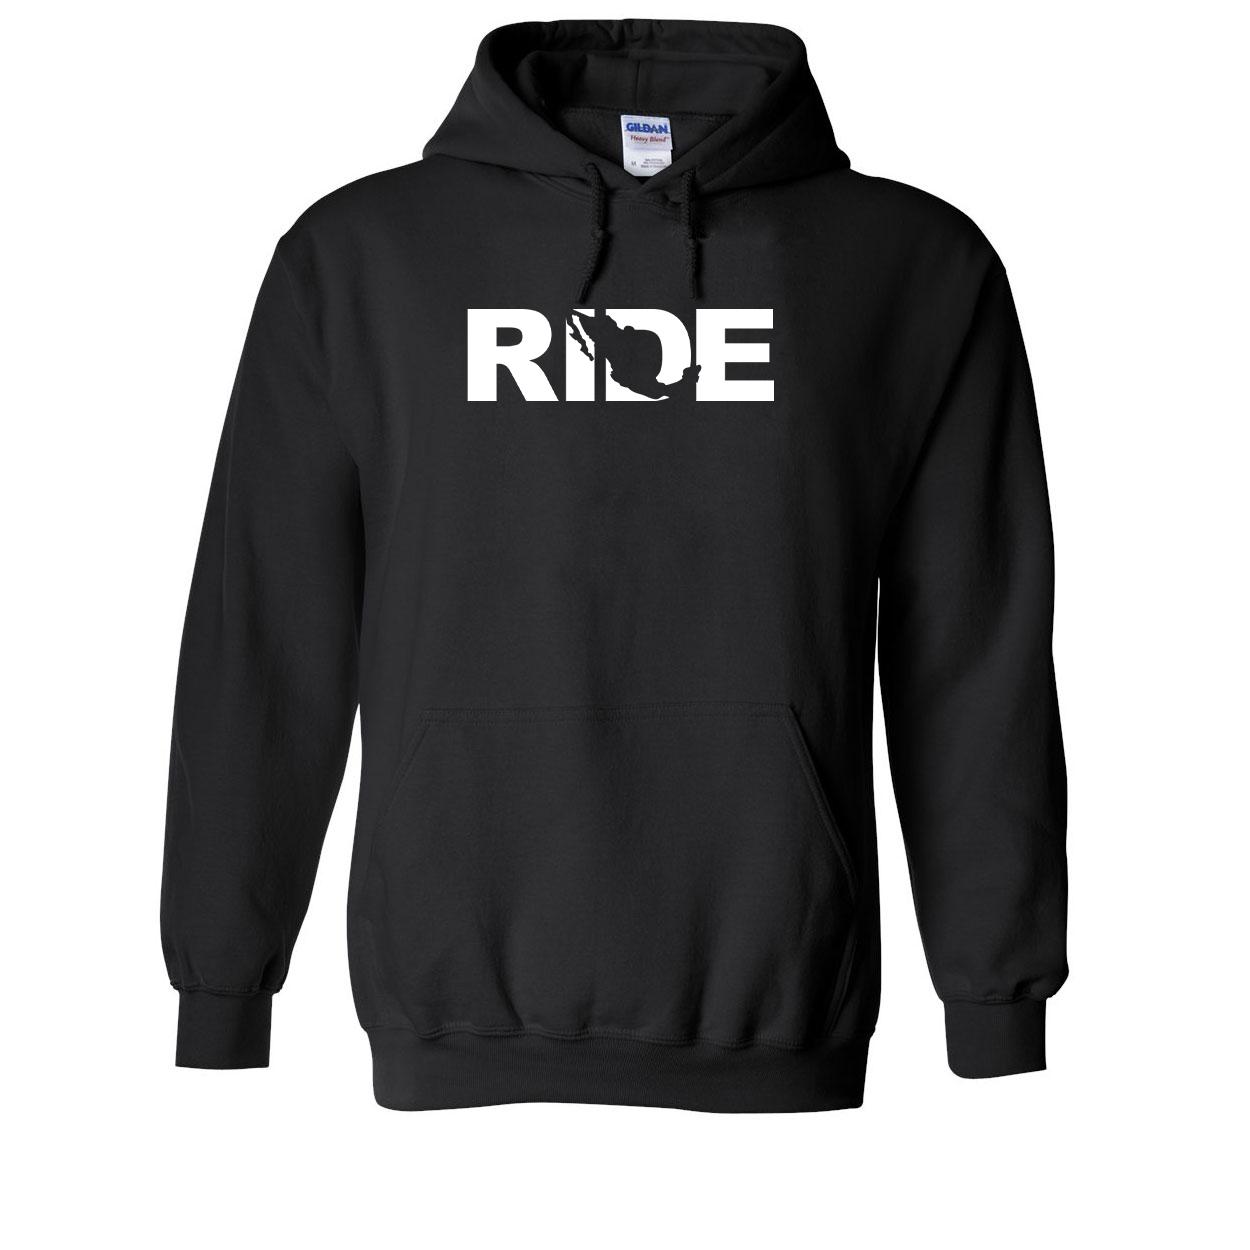 Ride Mexico Classic Sweatshirt Black (White Logo)